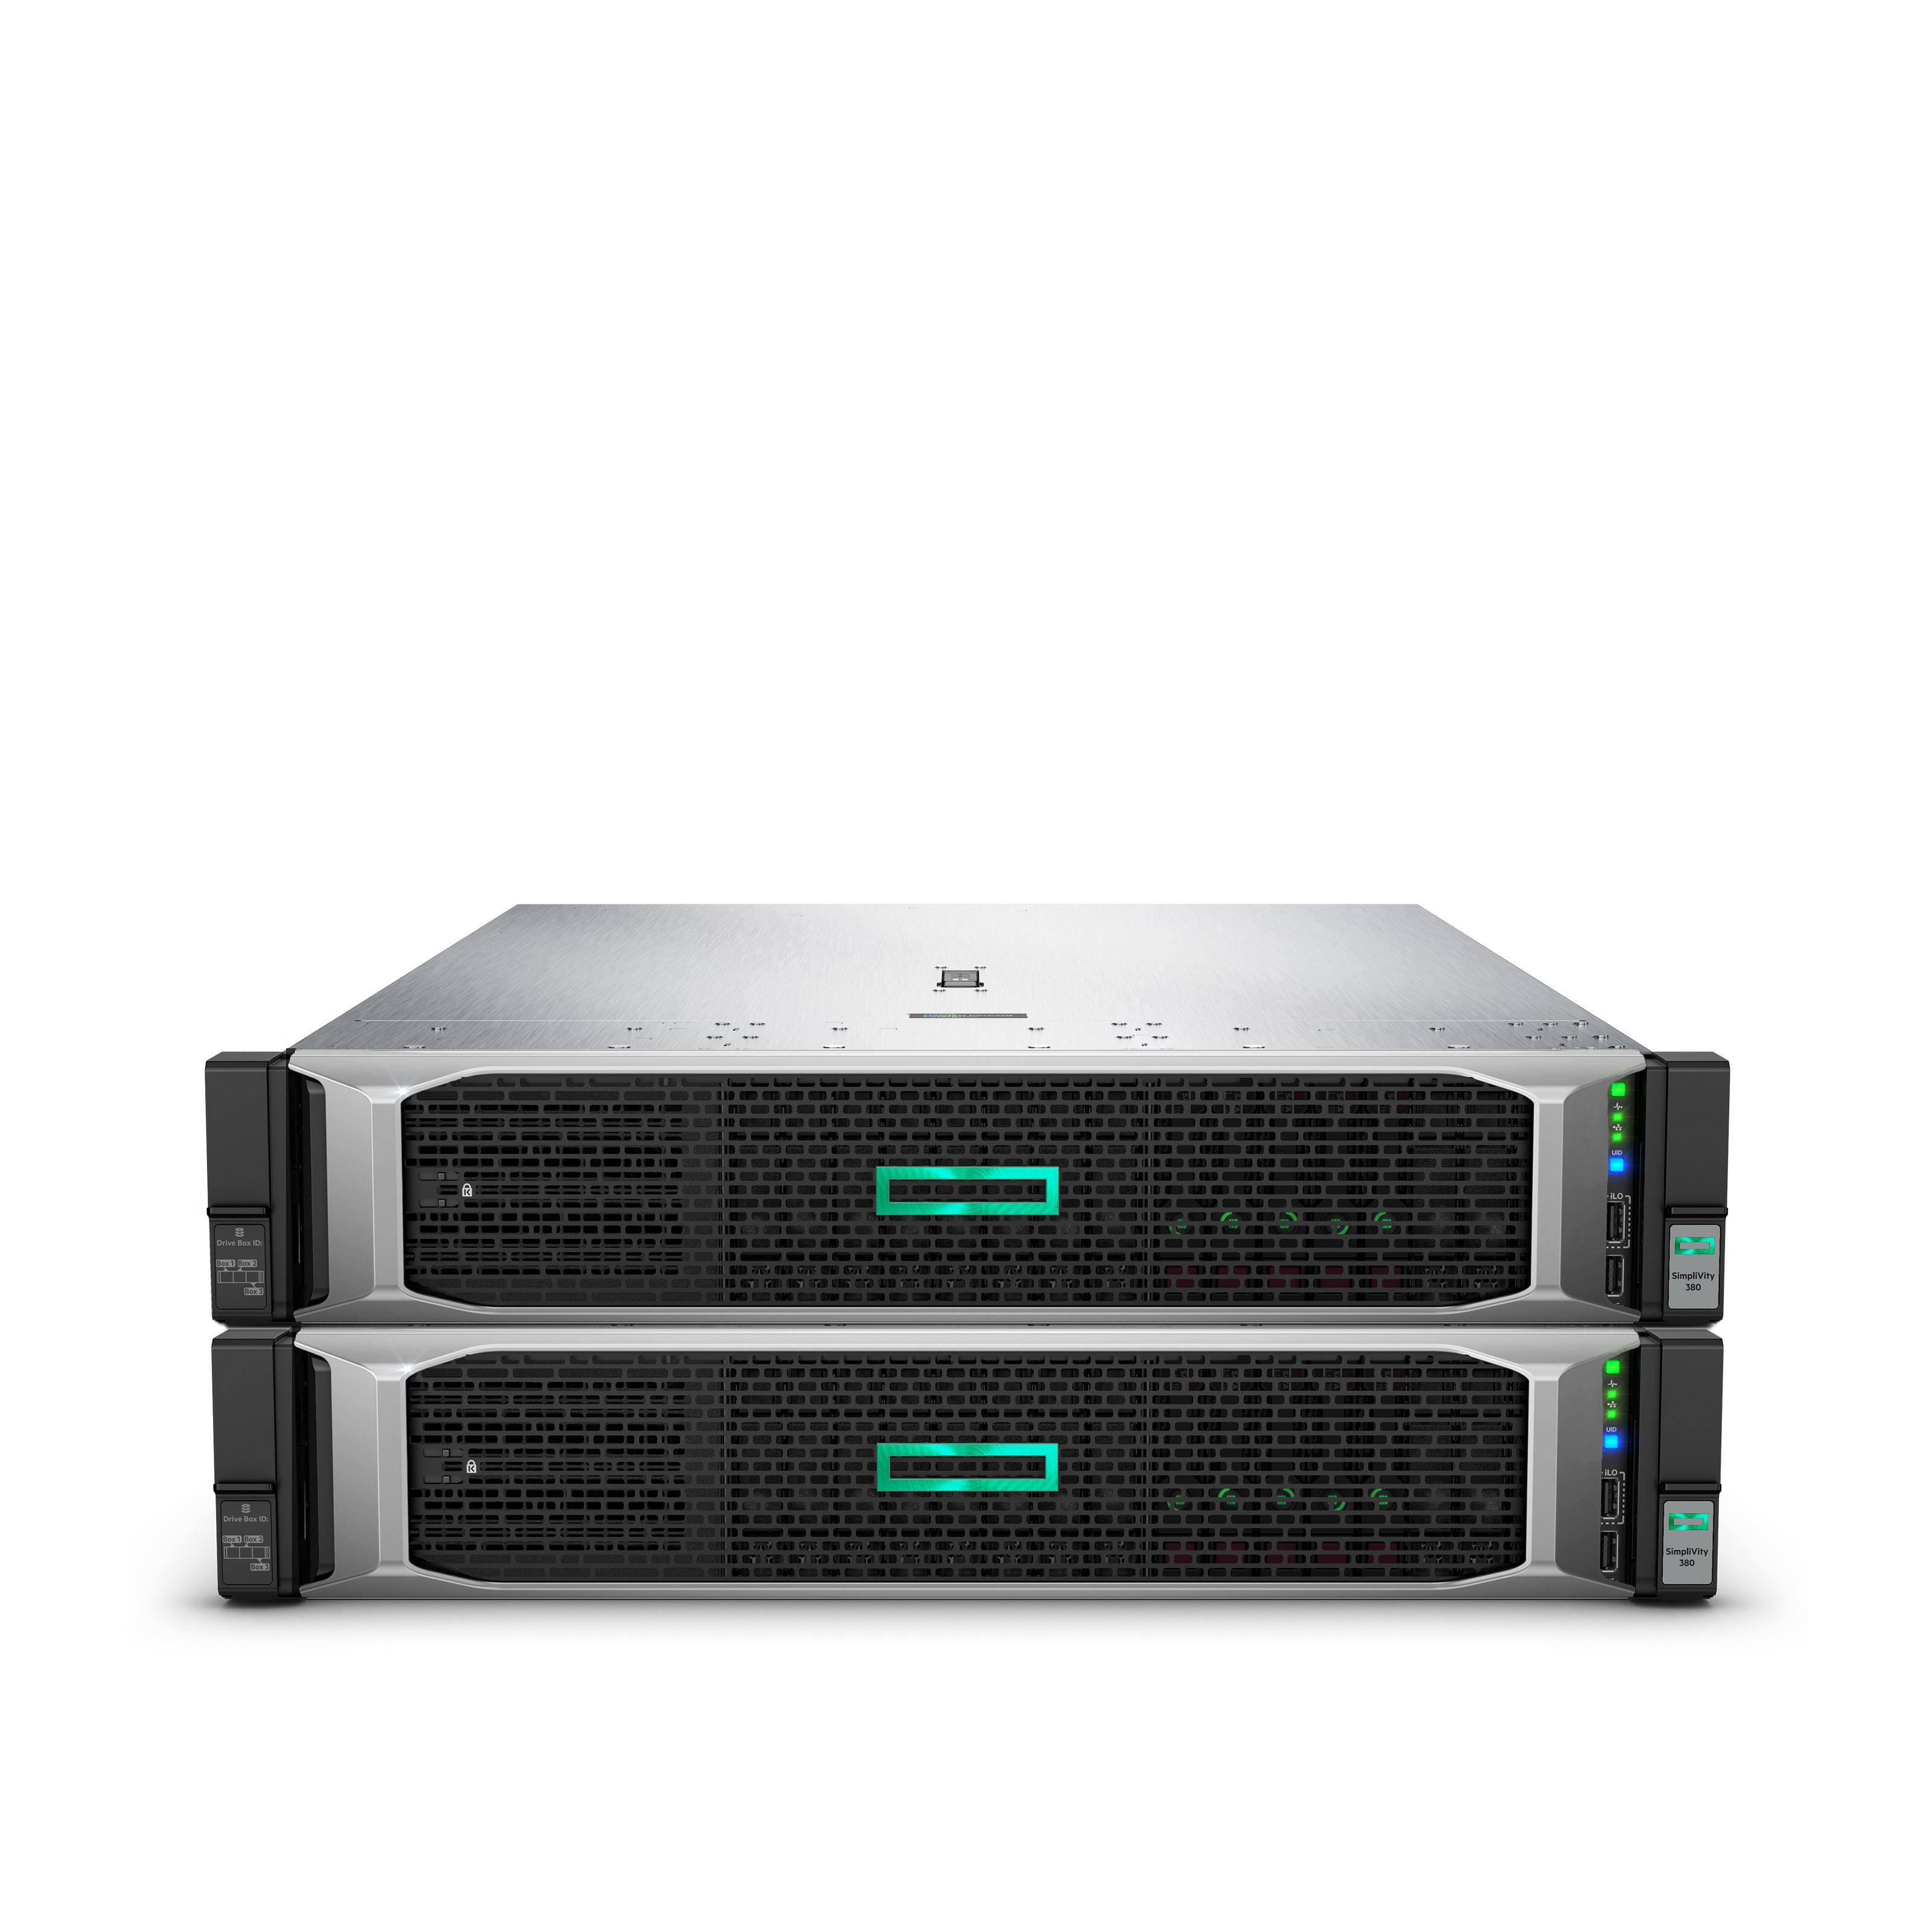 HPE SimpliVity DL380 Gen 10